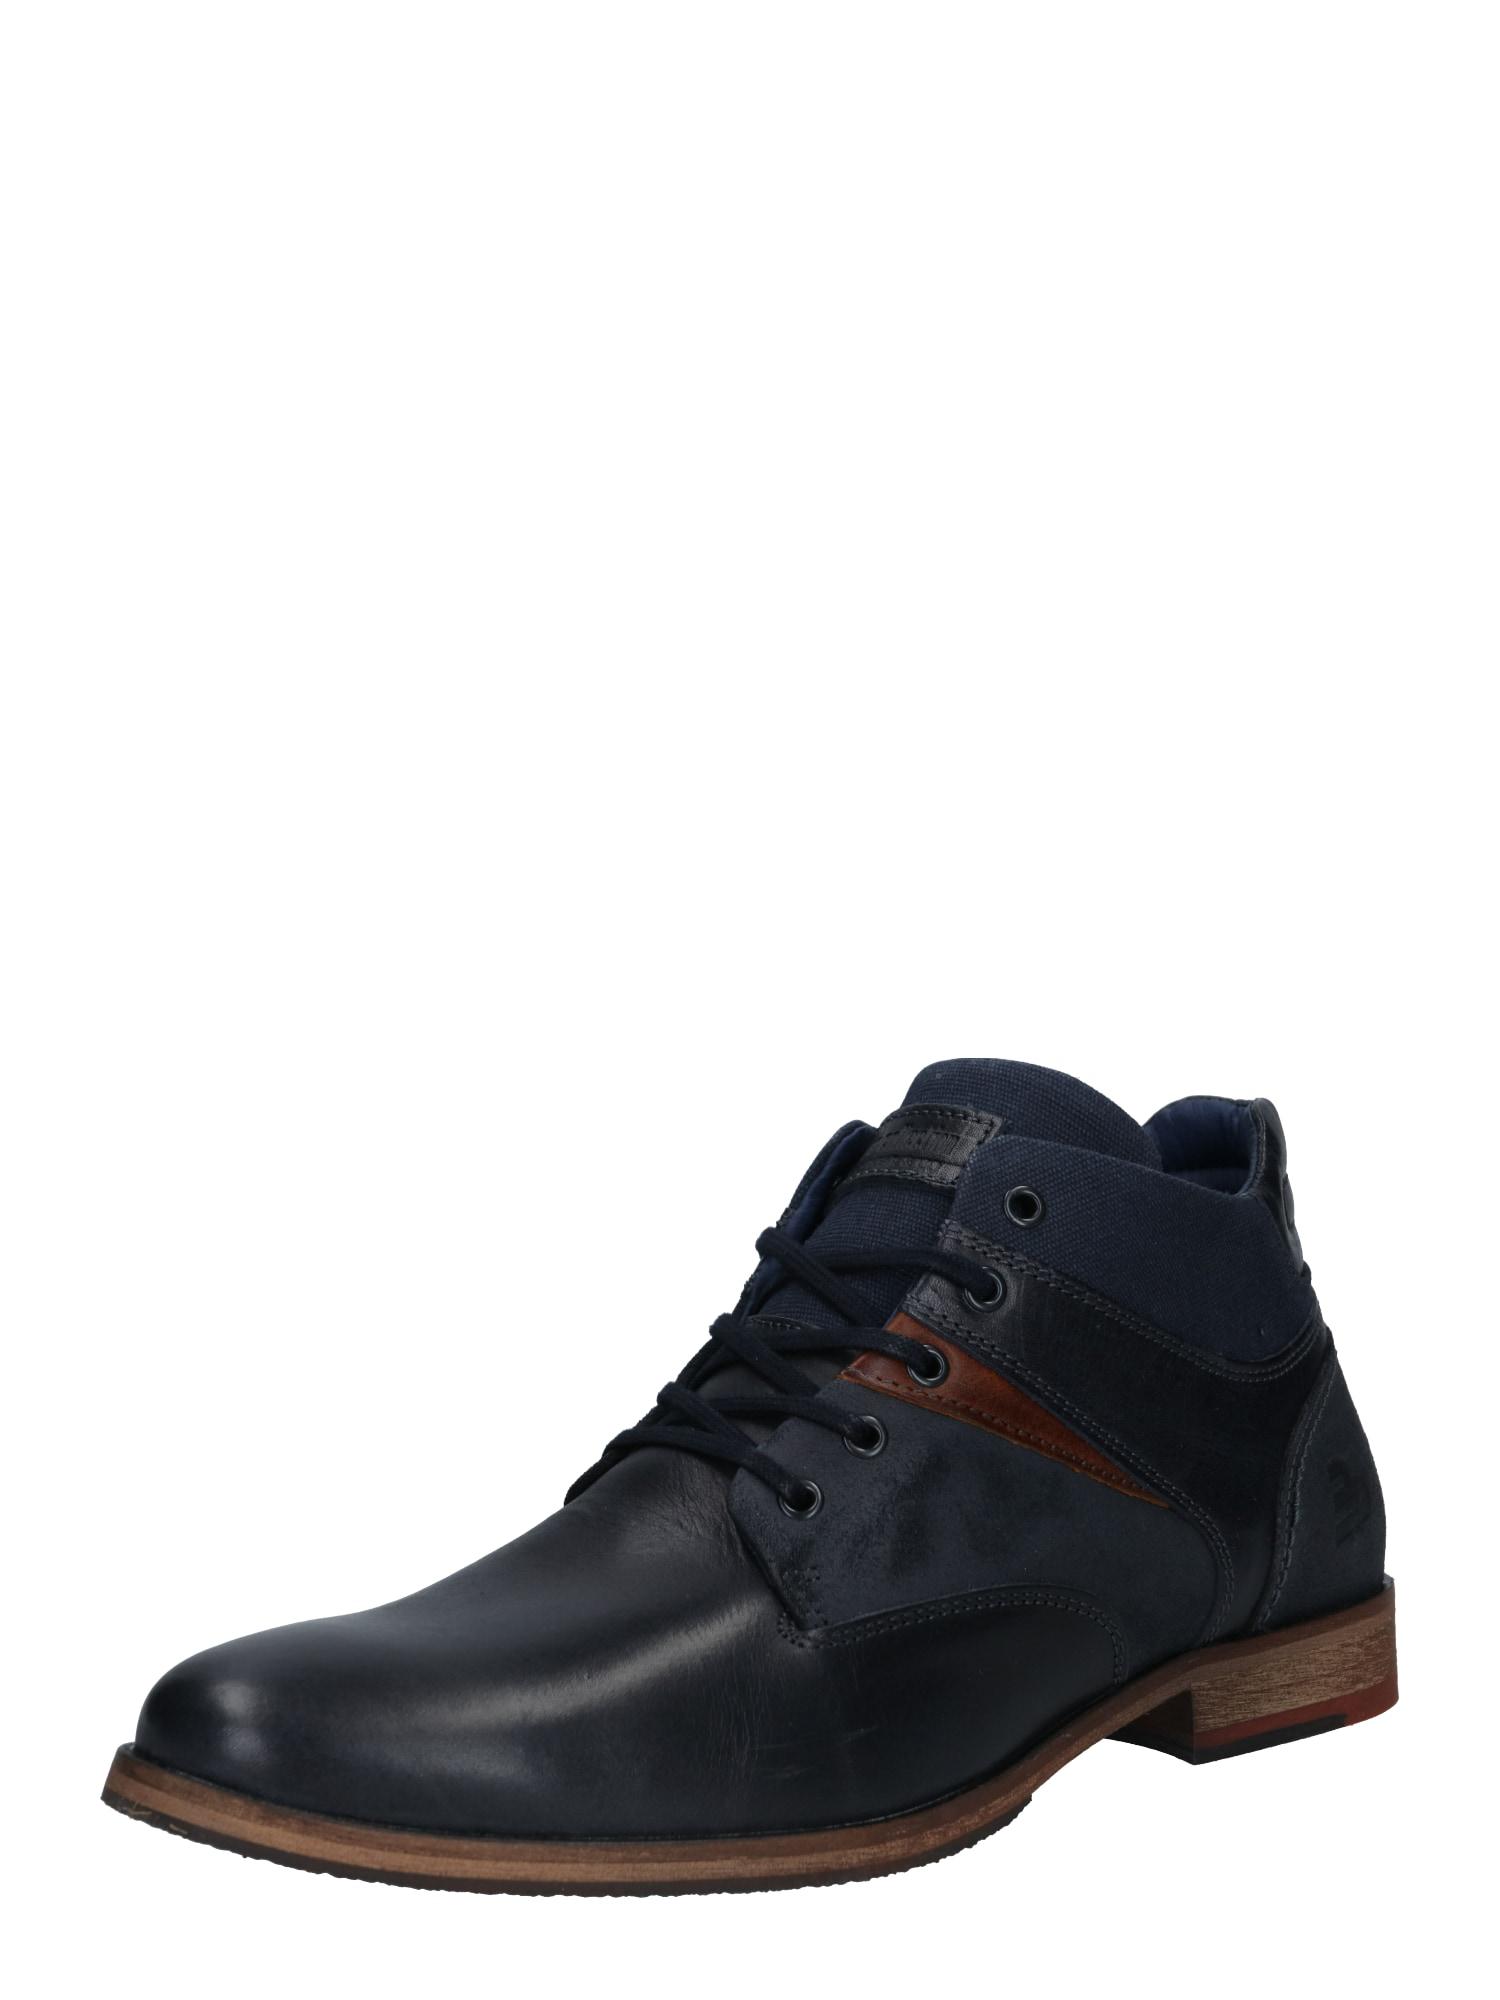 BULLBOXER Šněrovací boty  černá / tmavě modrá / světle hnědá